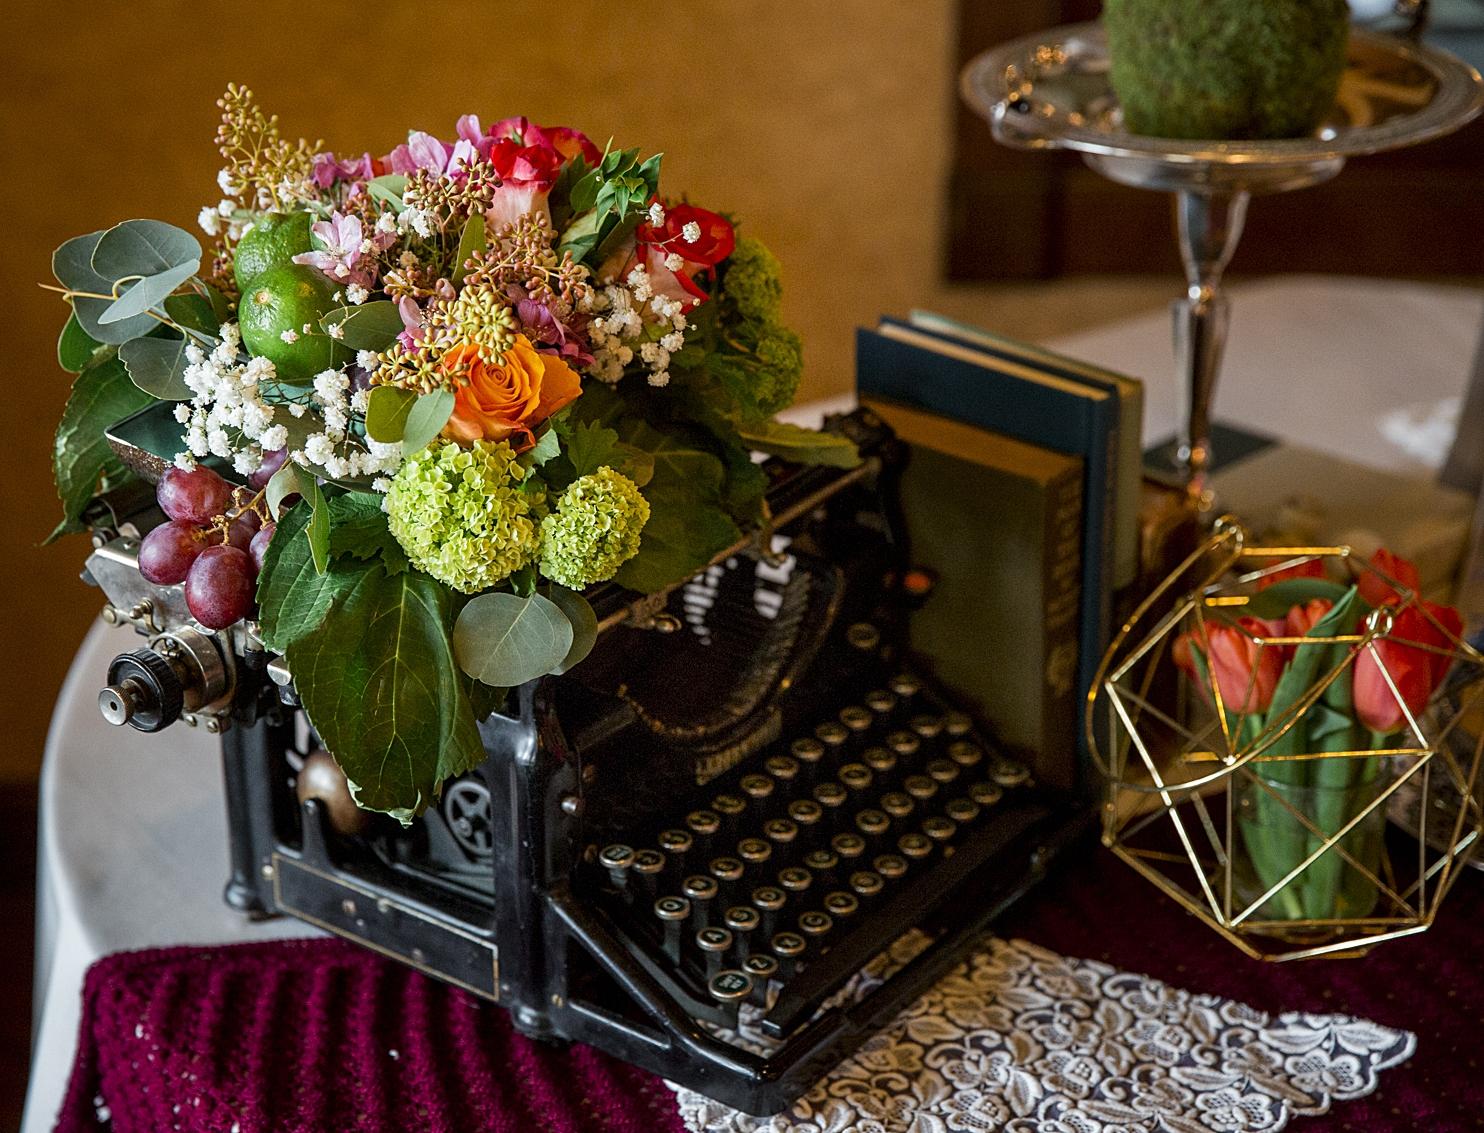 VanIrGo wedding - Love is found in the tiniest details.